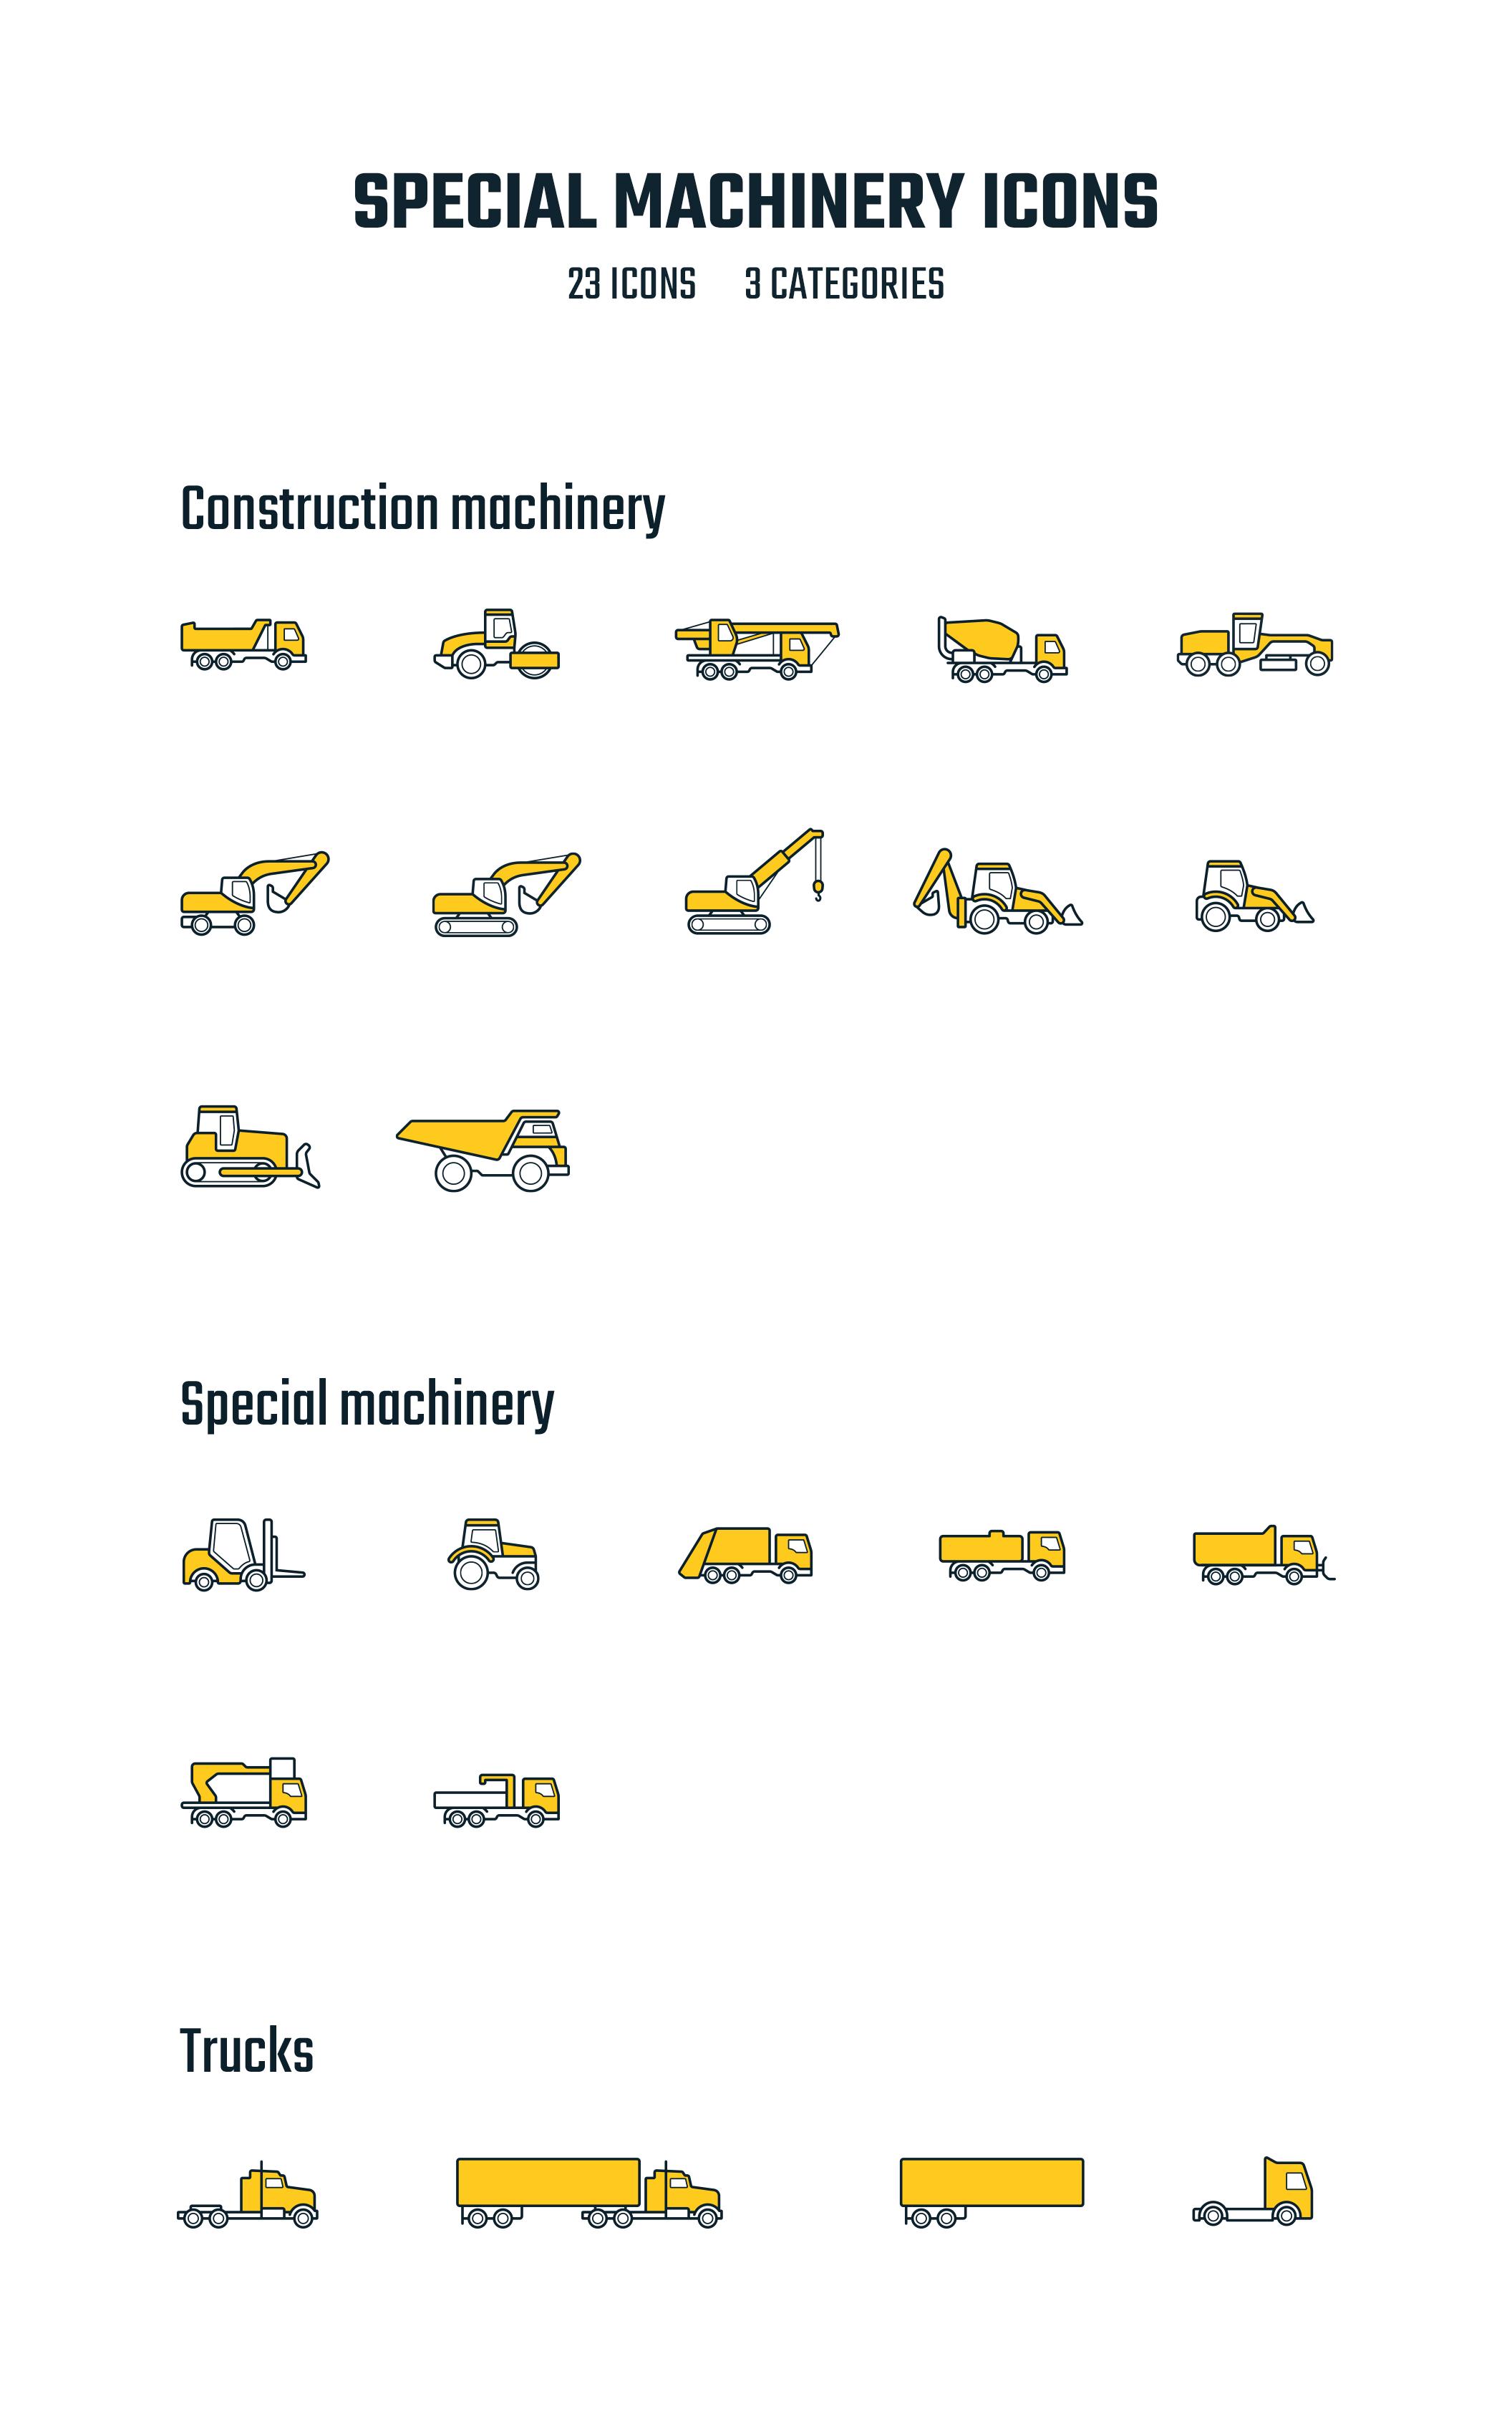 专用特种机械矢量图标集 Special Machinery Icons插图4